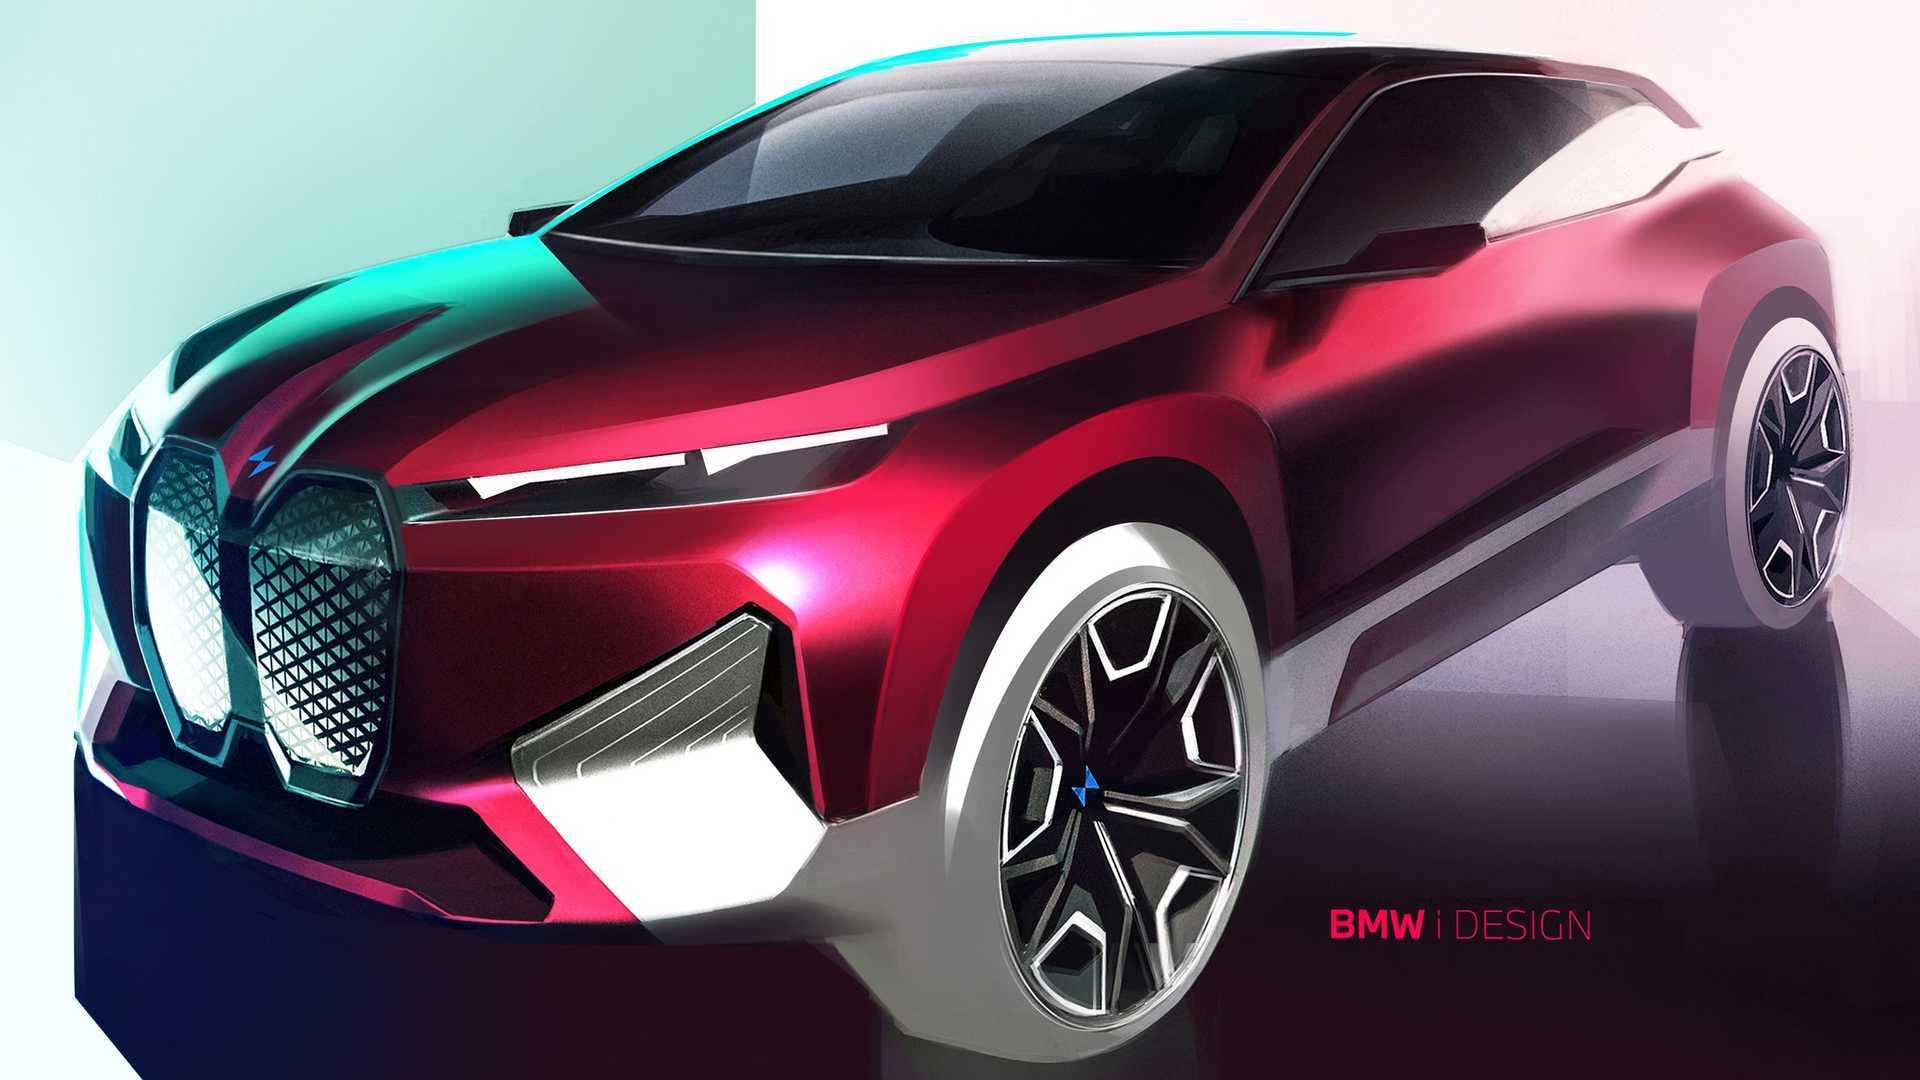 BMW заявляет, что смелый подход к дизайну сохранится, несмотря на « жестокие » отзывы